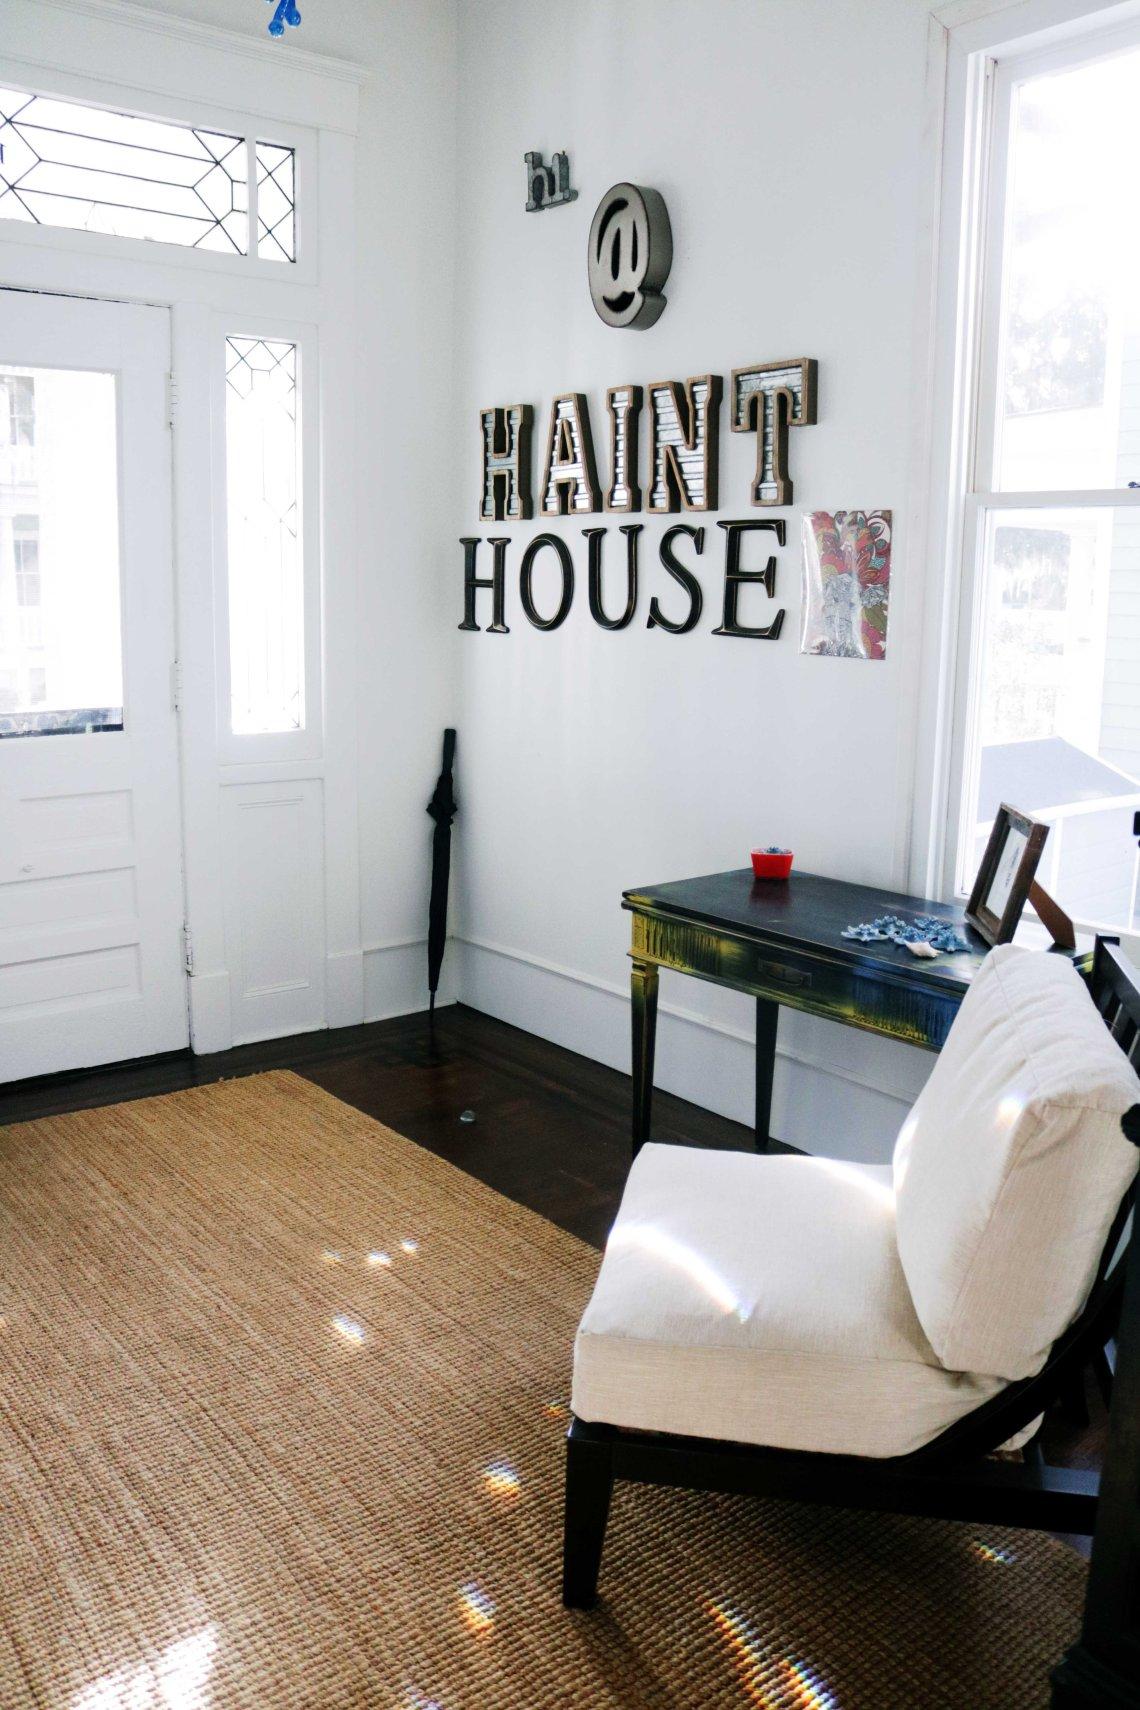 The Haint House